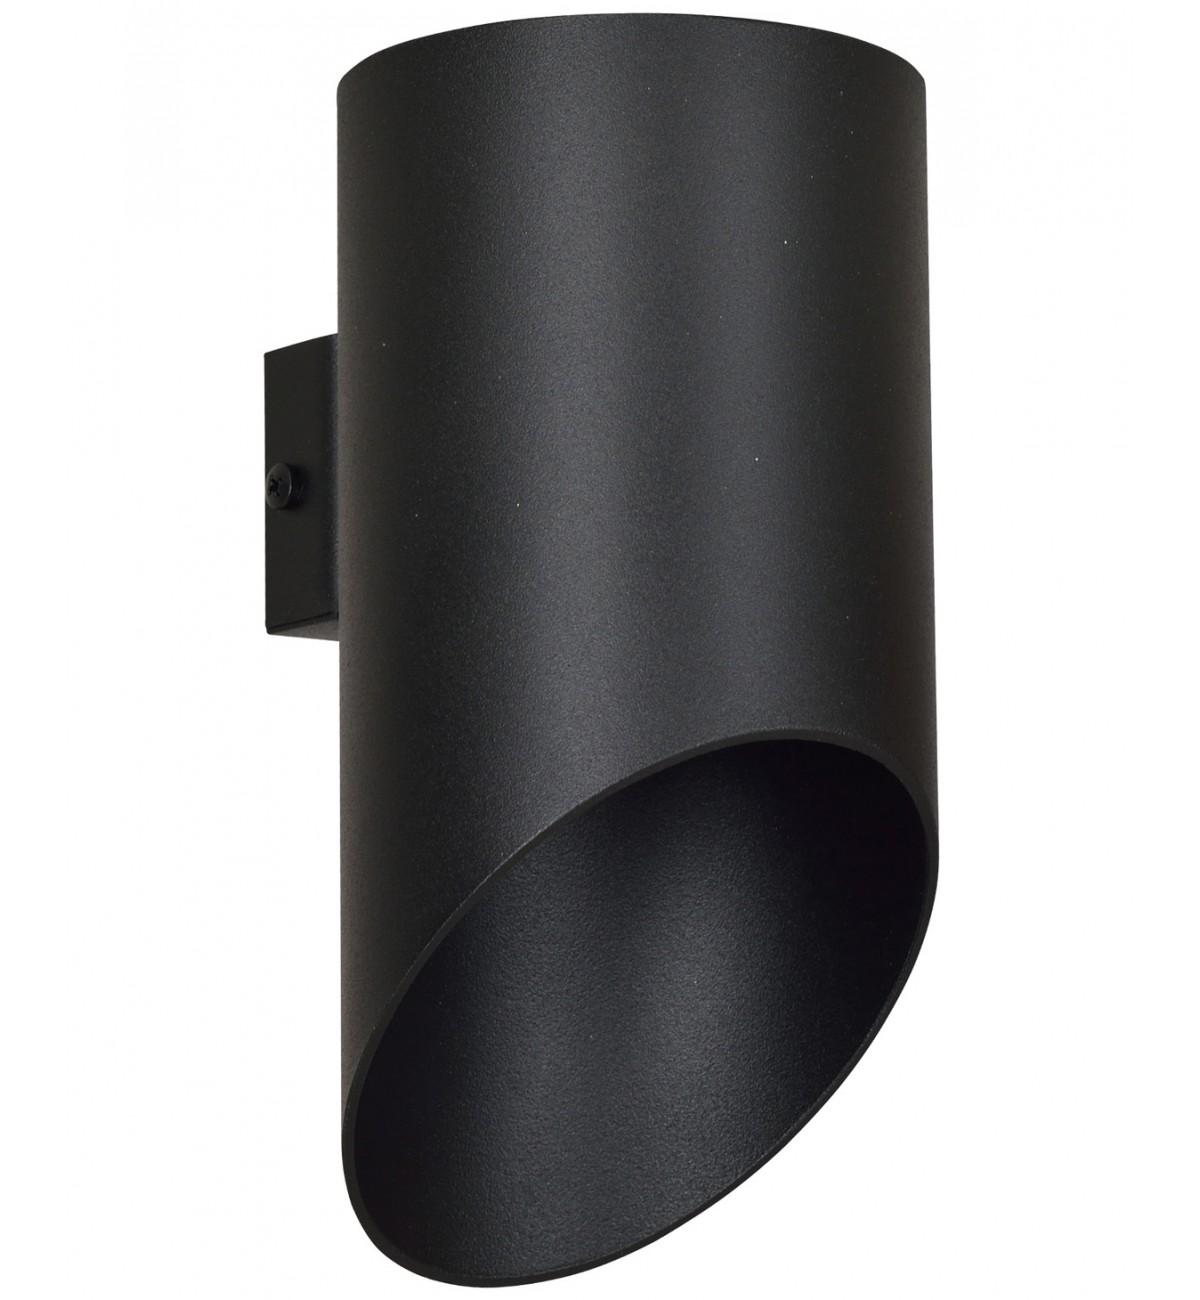 lampa kinkiet metalowa stylowa 1 Kinkiet Lampa Ścienna Aluminiowa Trzy Kolory